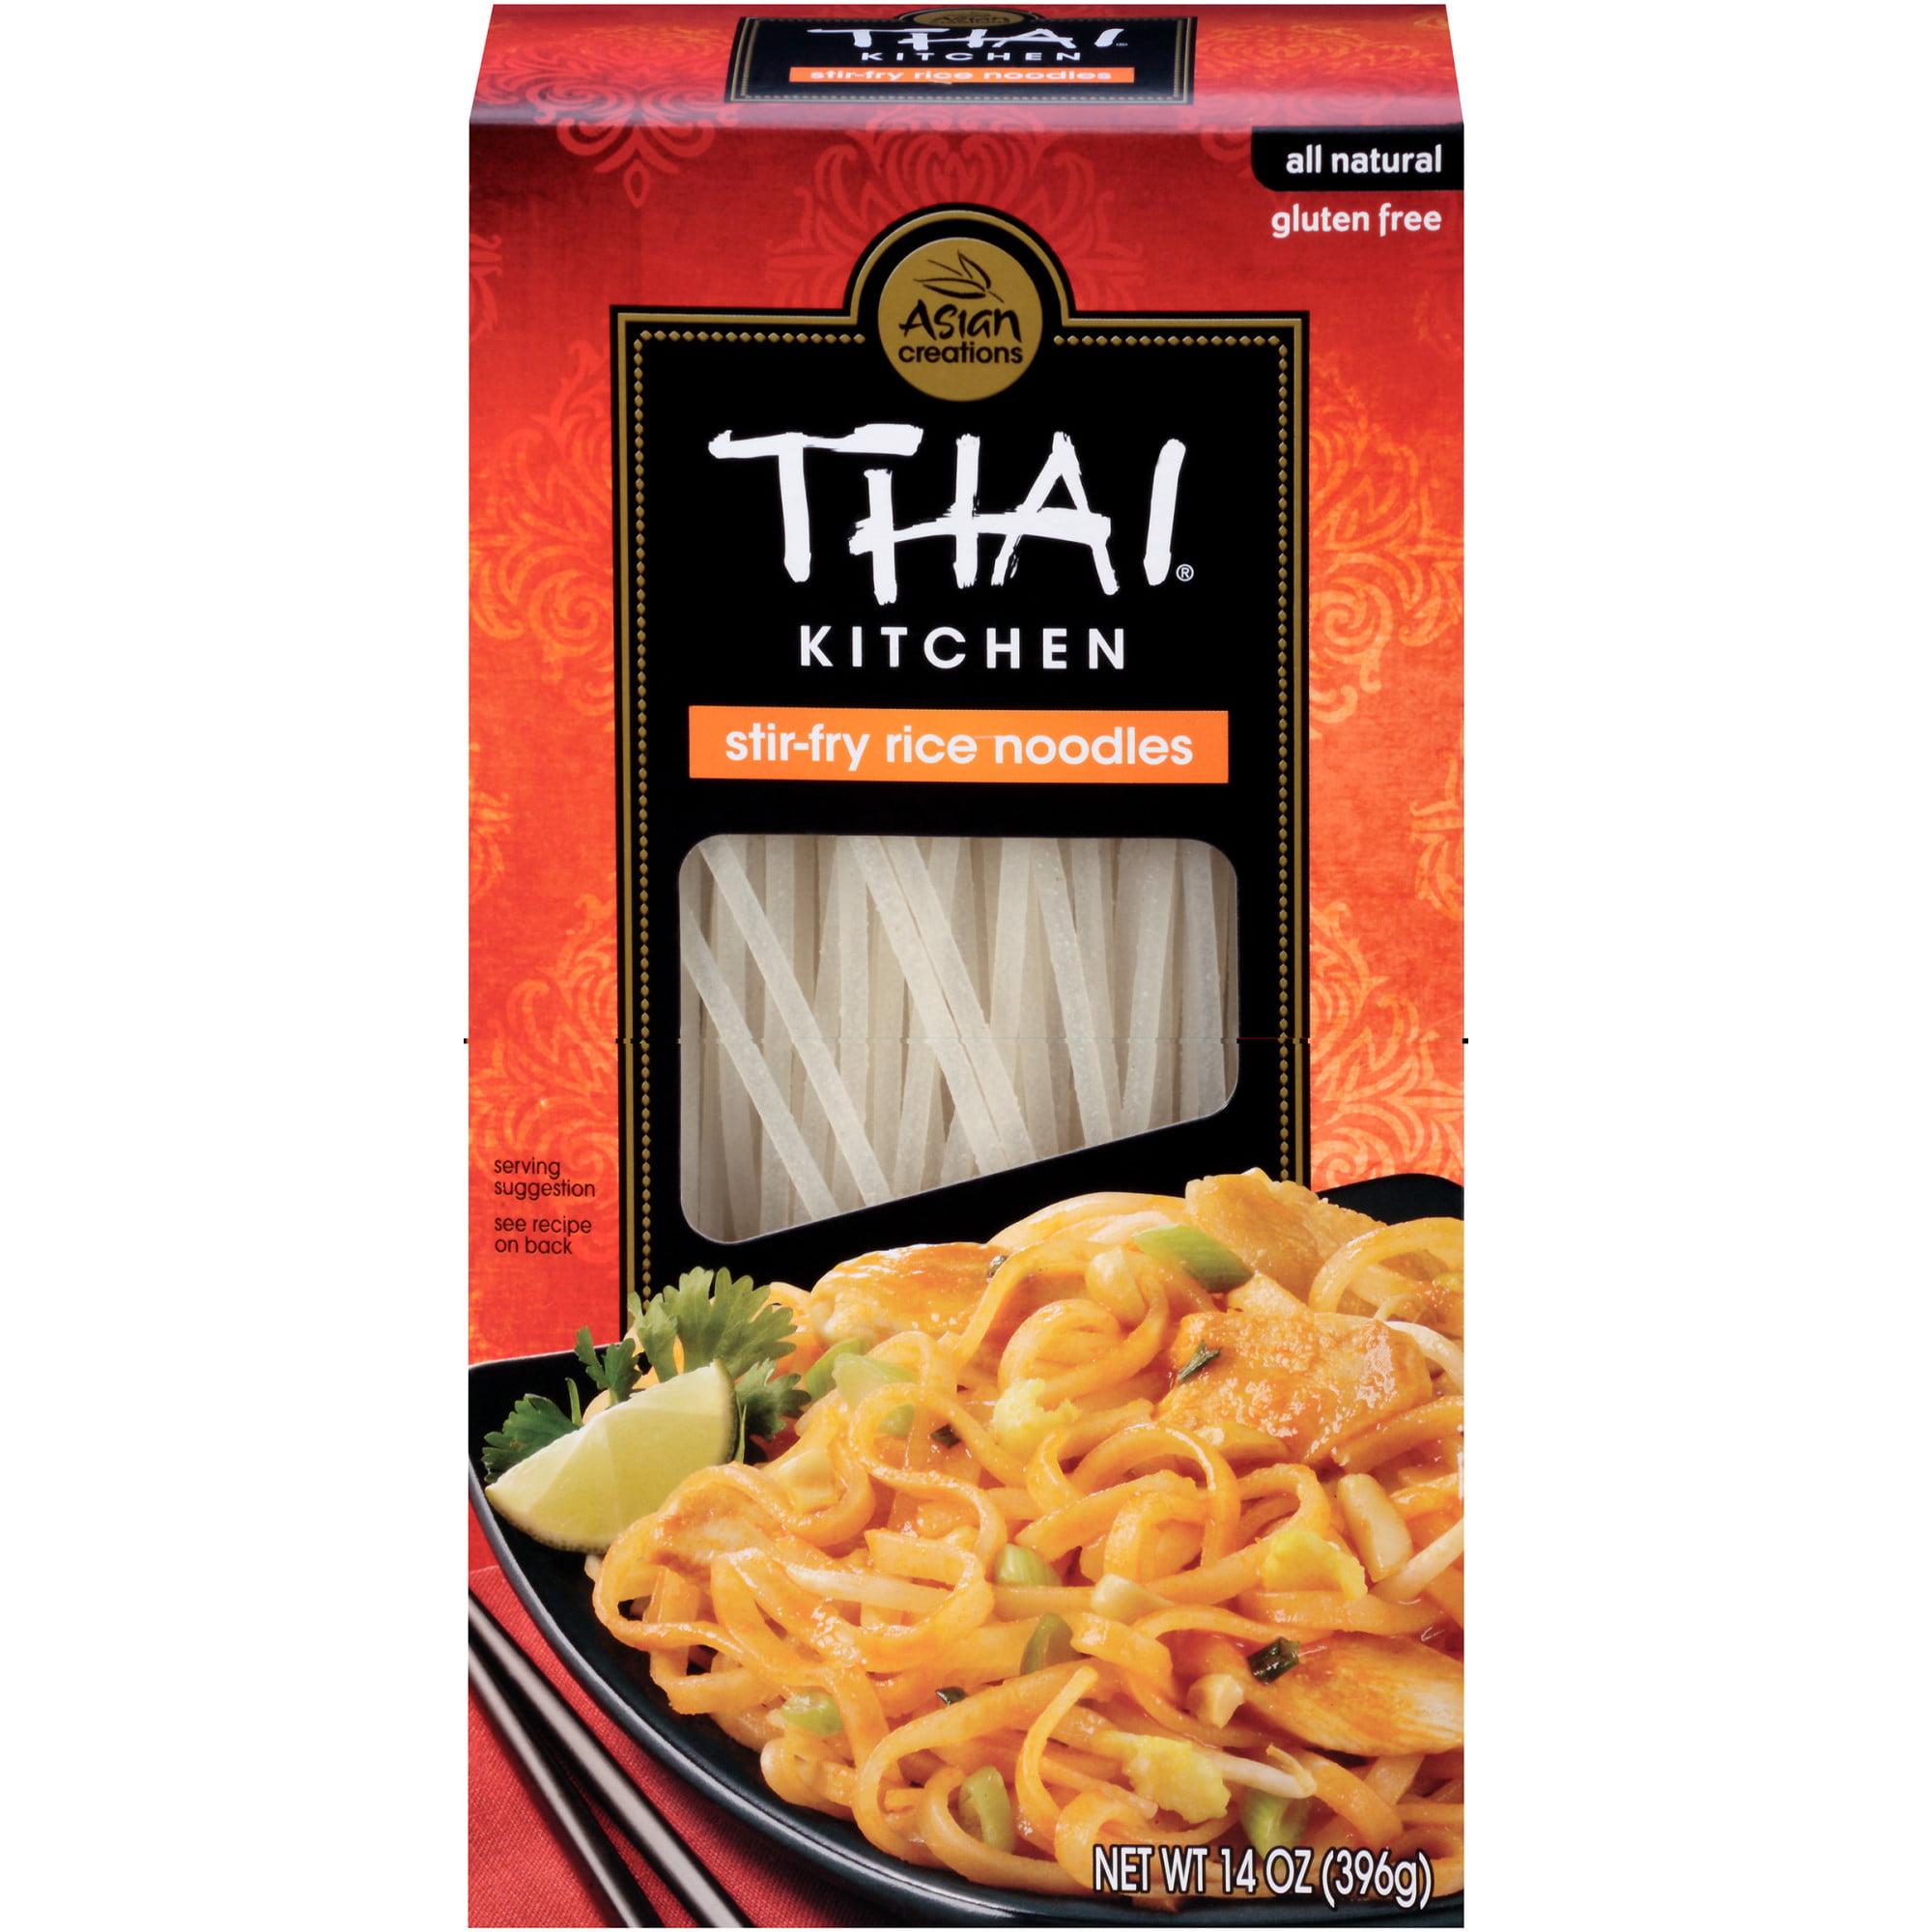 thai kitchen gluten free stir fry rice noodles 14 oz walmart com rh walmart com thai kitchen rice noodles nutrition thai kitchen rice noodles recipe